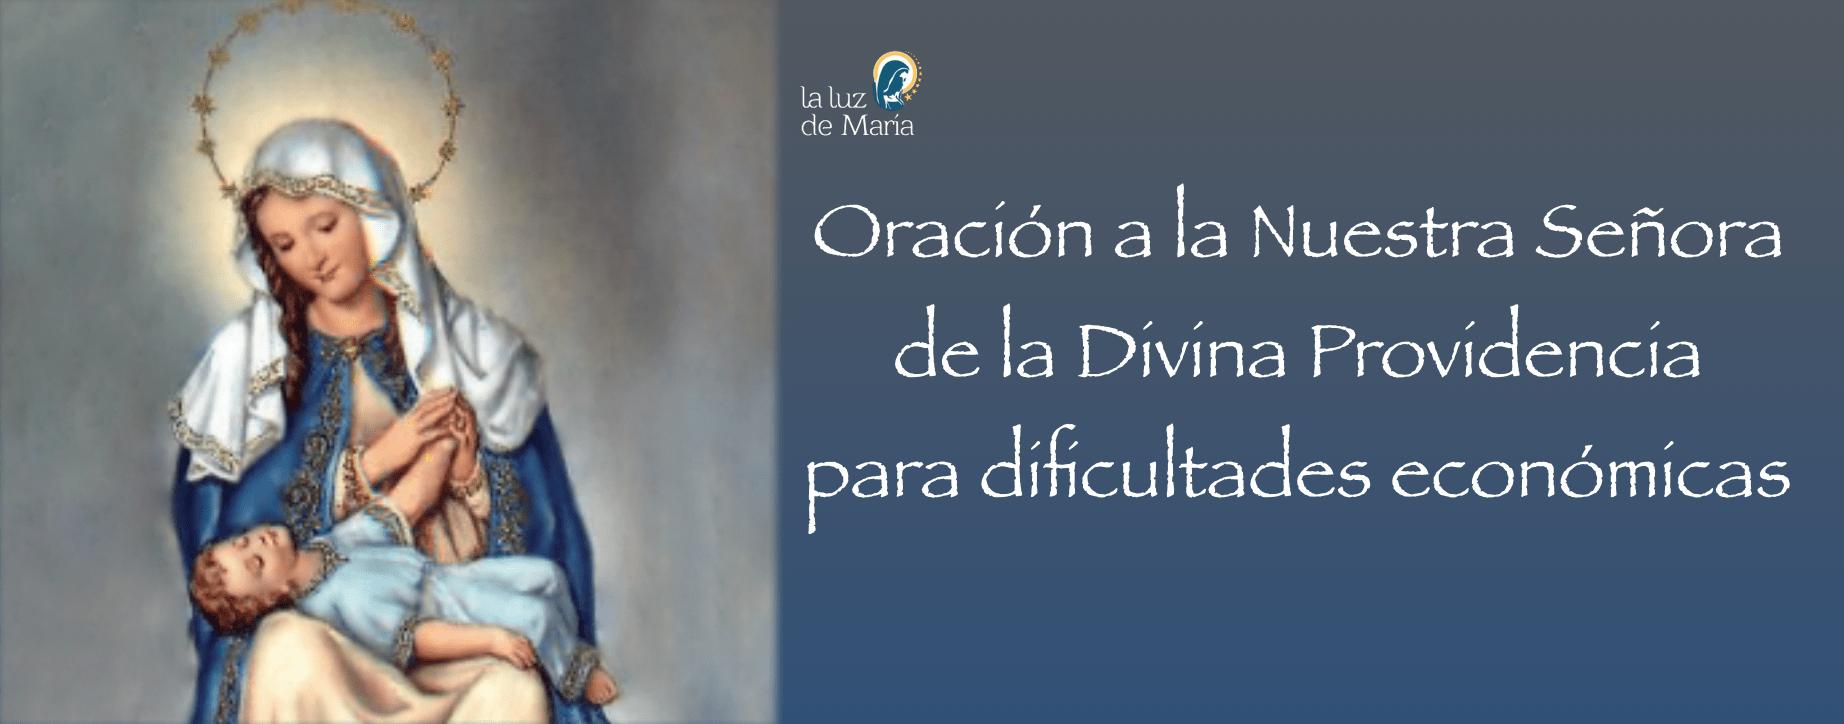 Oración A La Nuestra Señora De La Divina Providencia